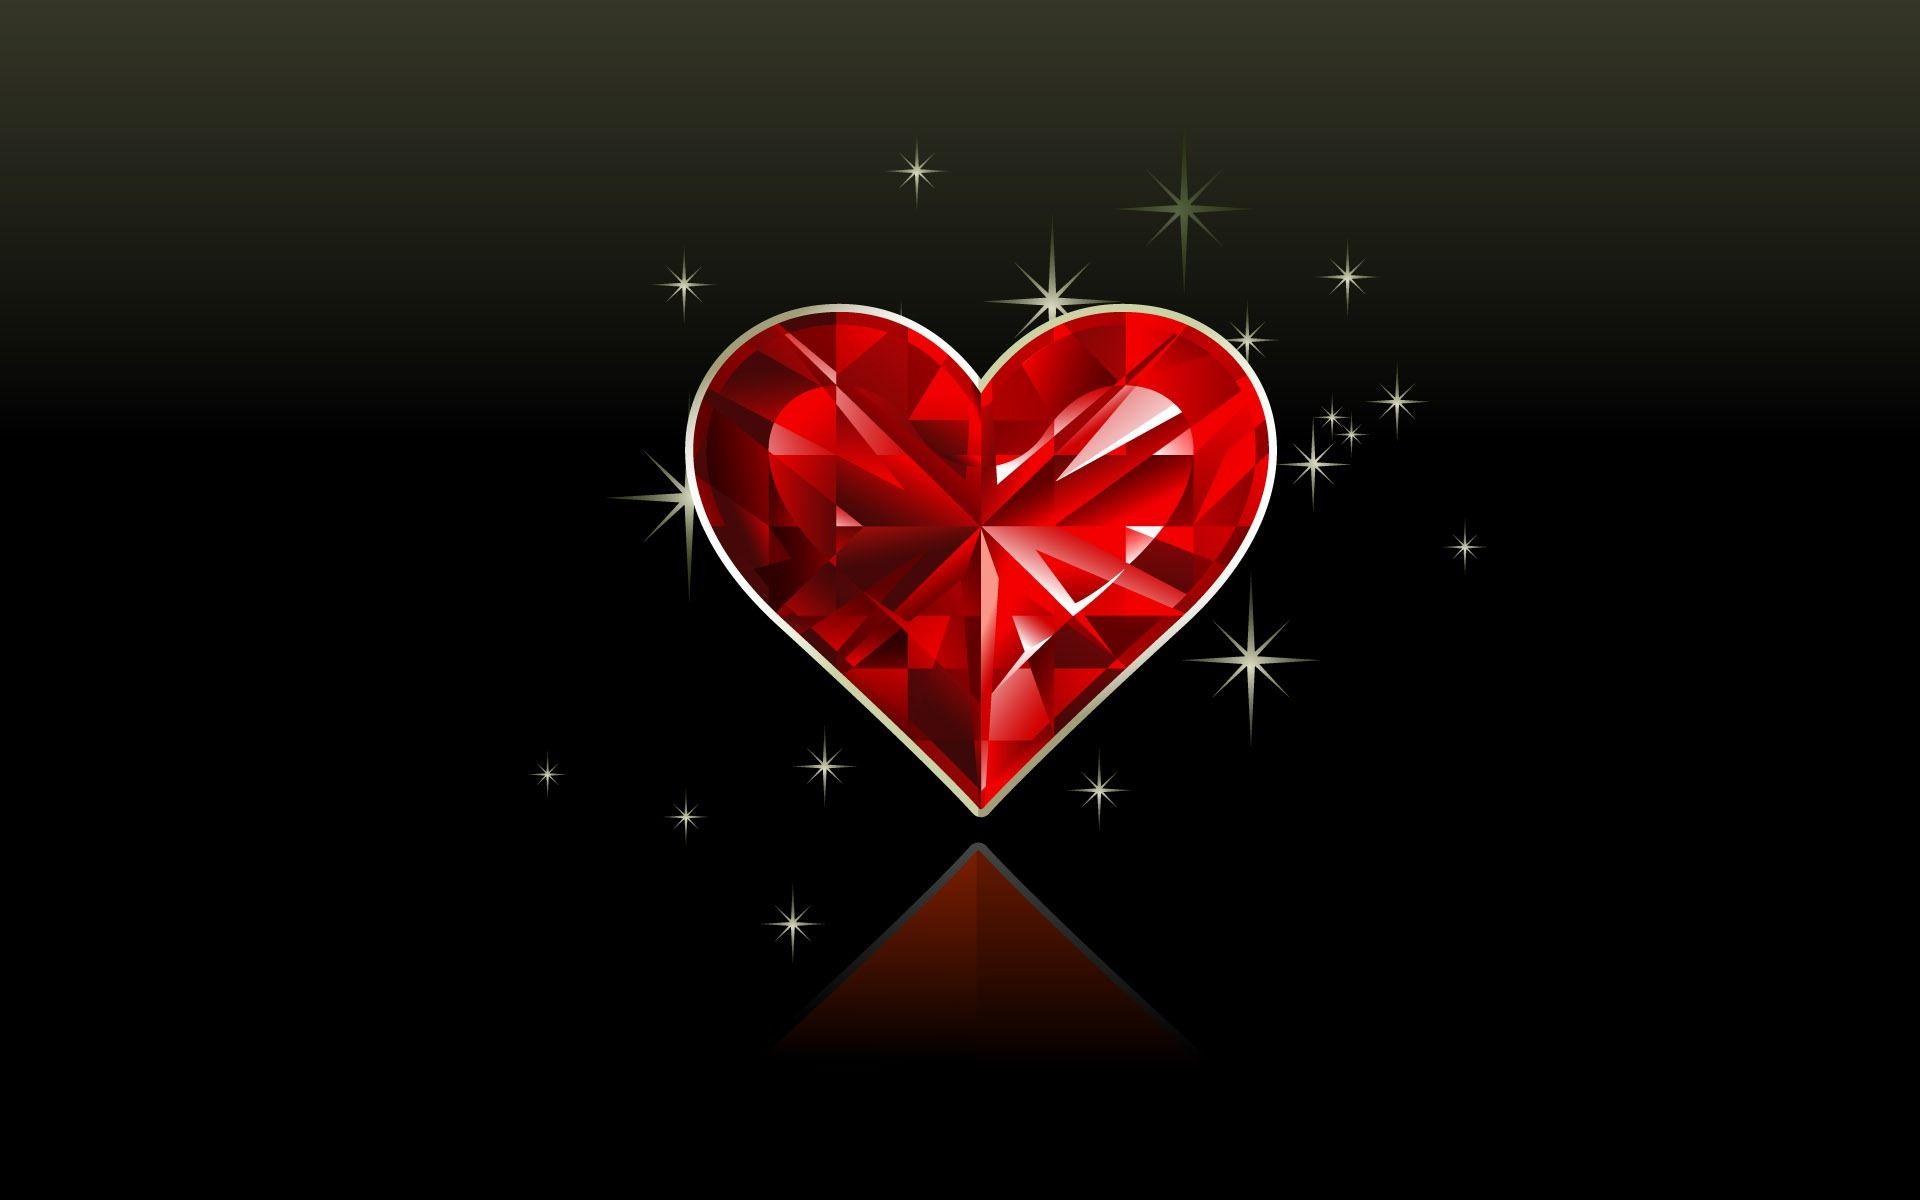 Imagenes De Amor: Imagenes Para MI Computadora Gratis